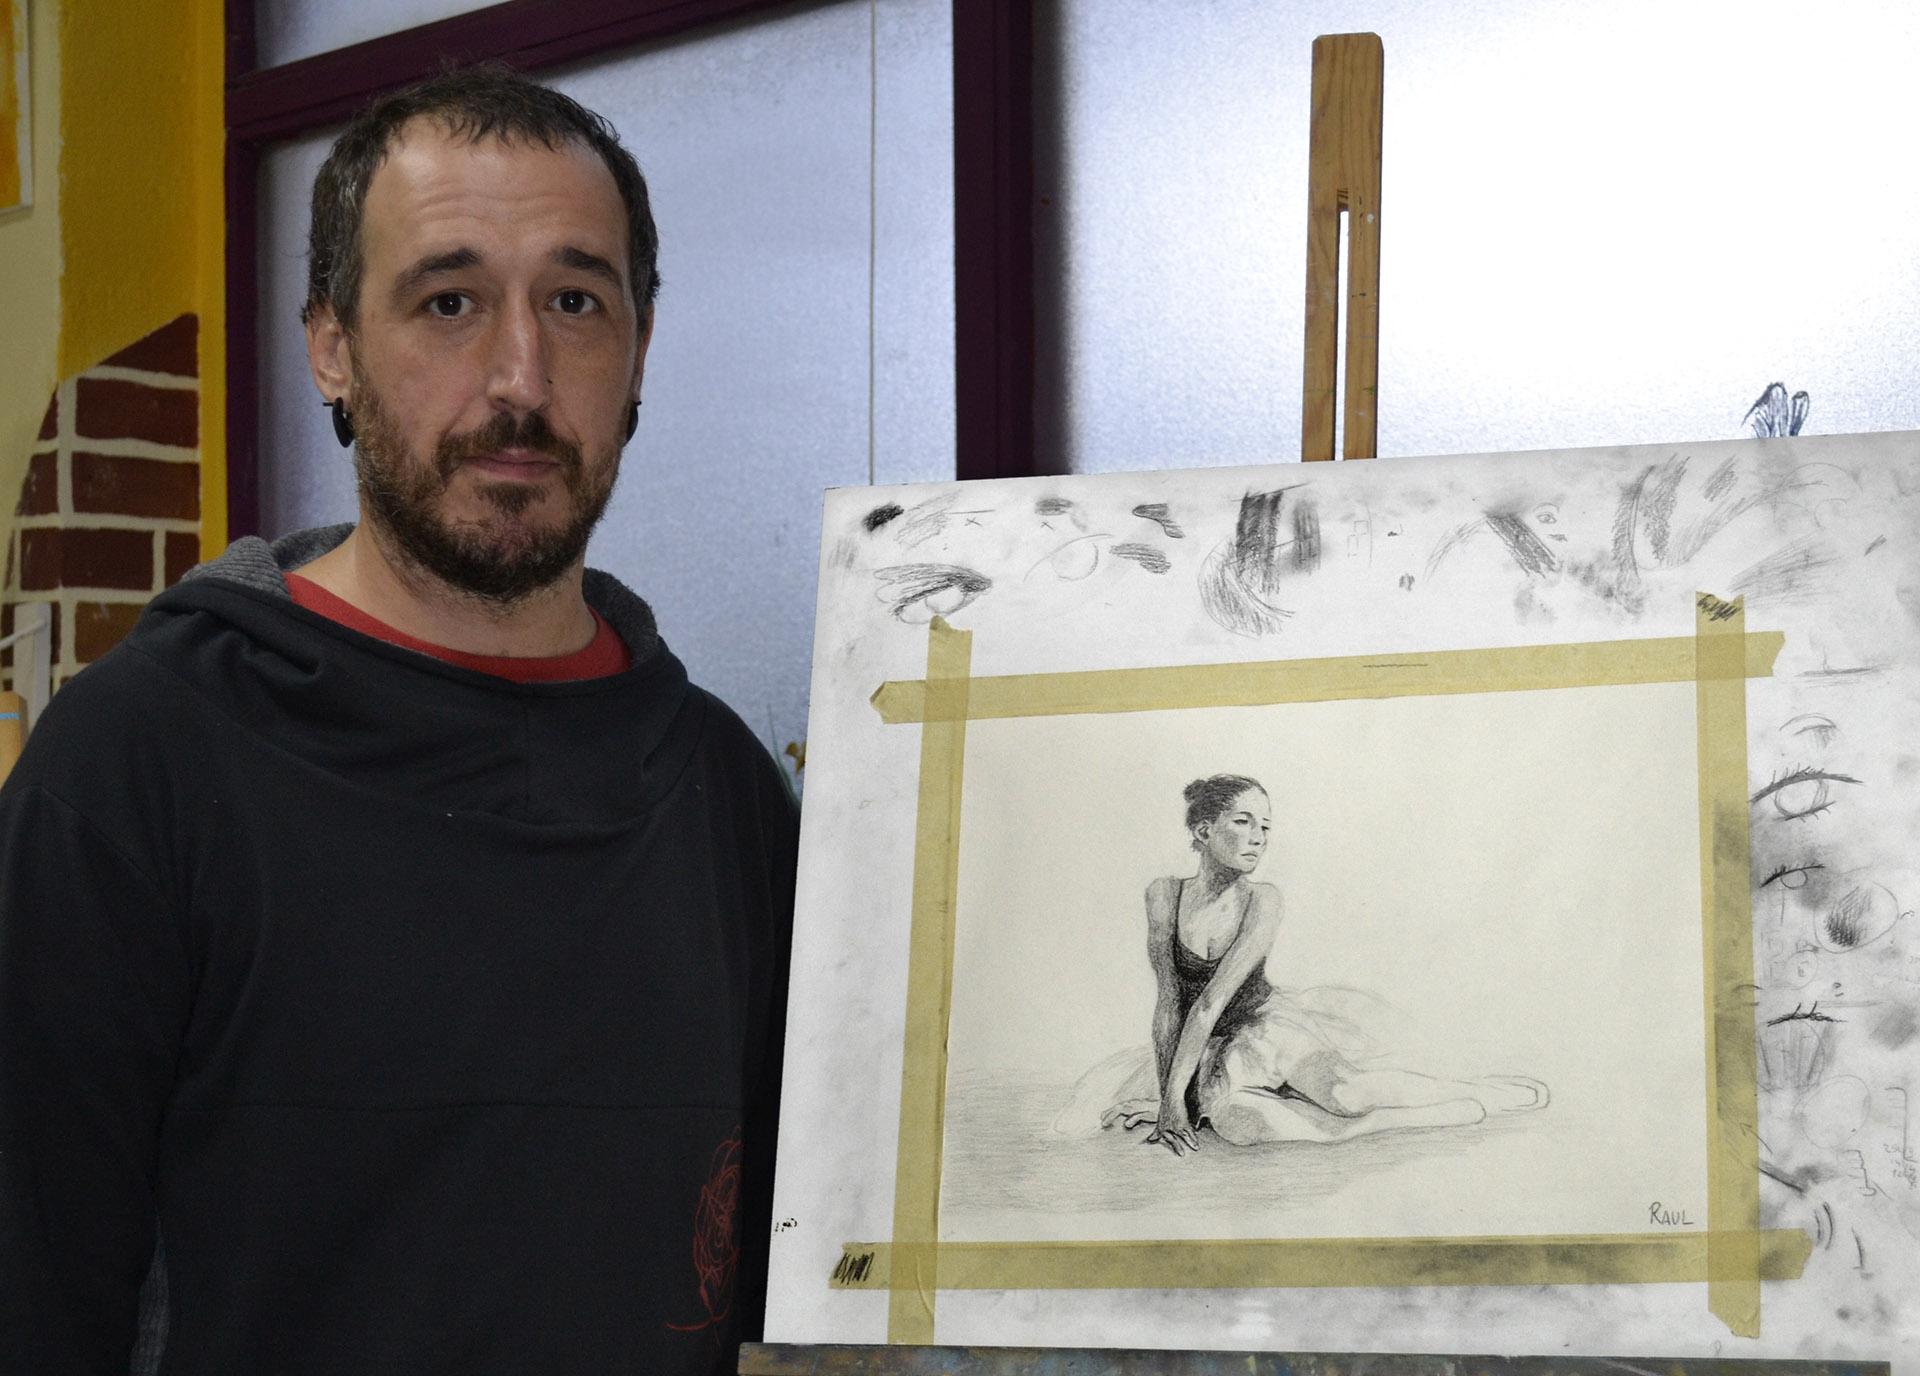 Raul, grafito. Taller Aceña - Olmedo. Curso 2017 - 2018